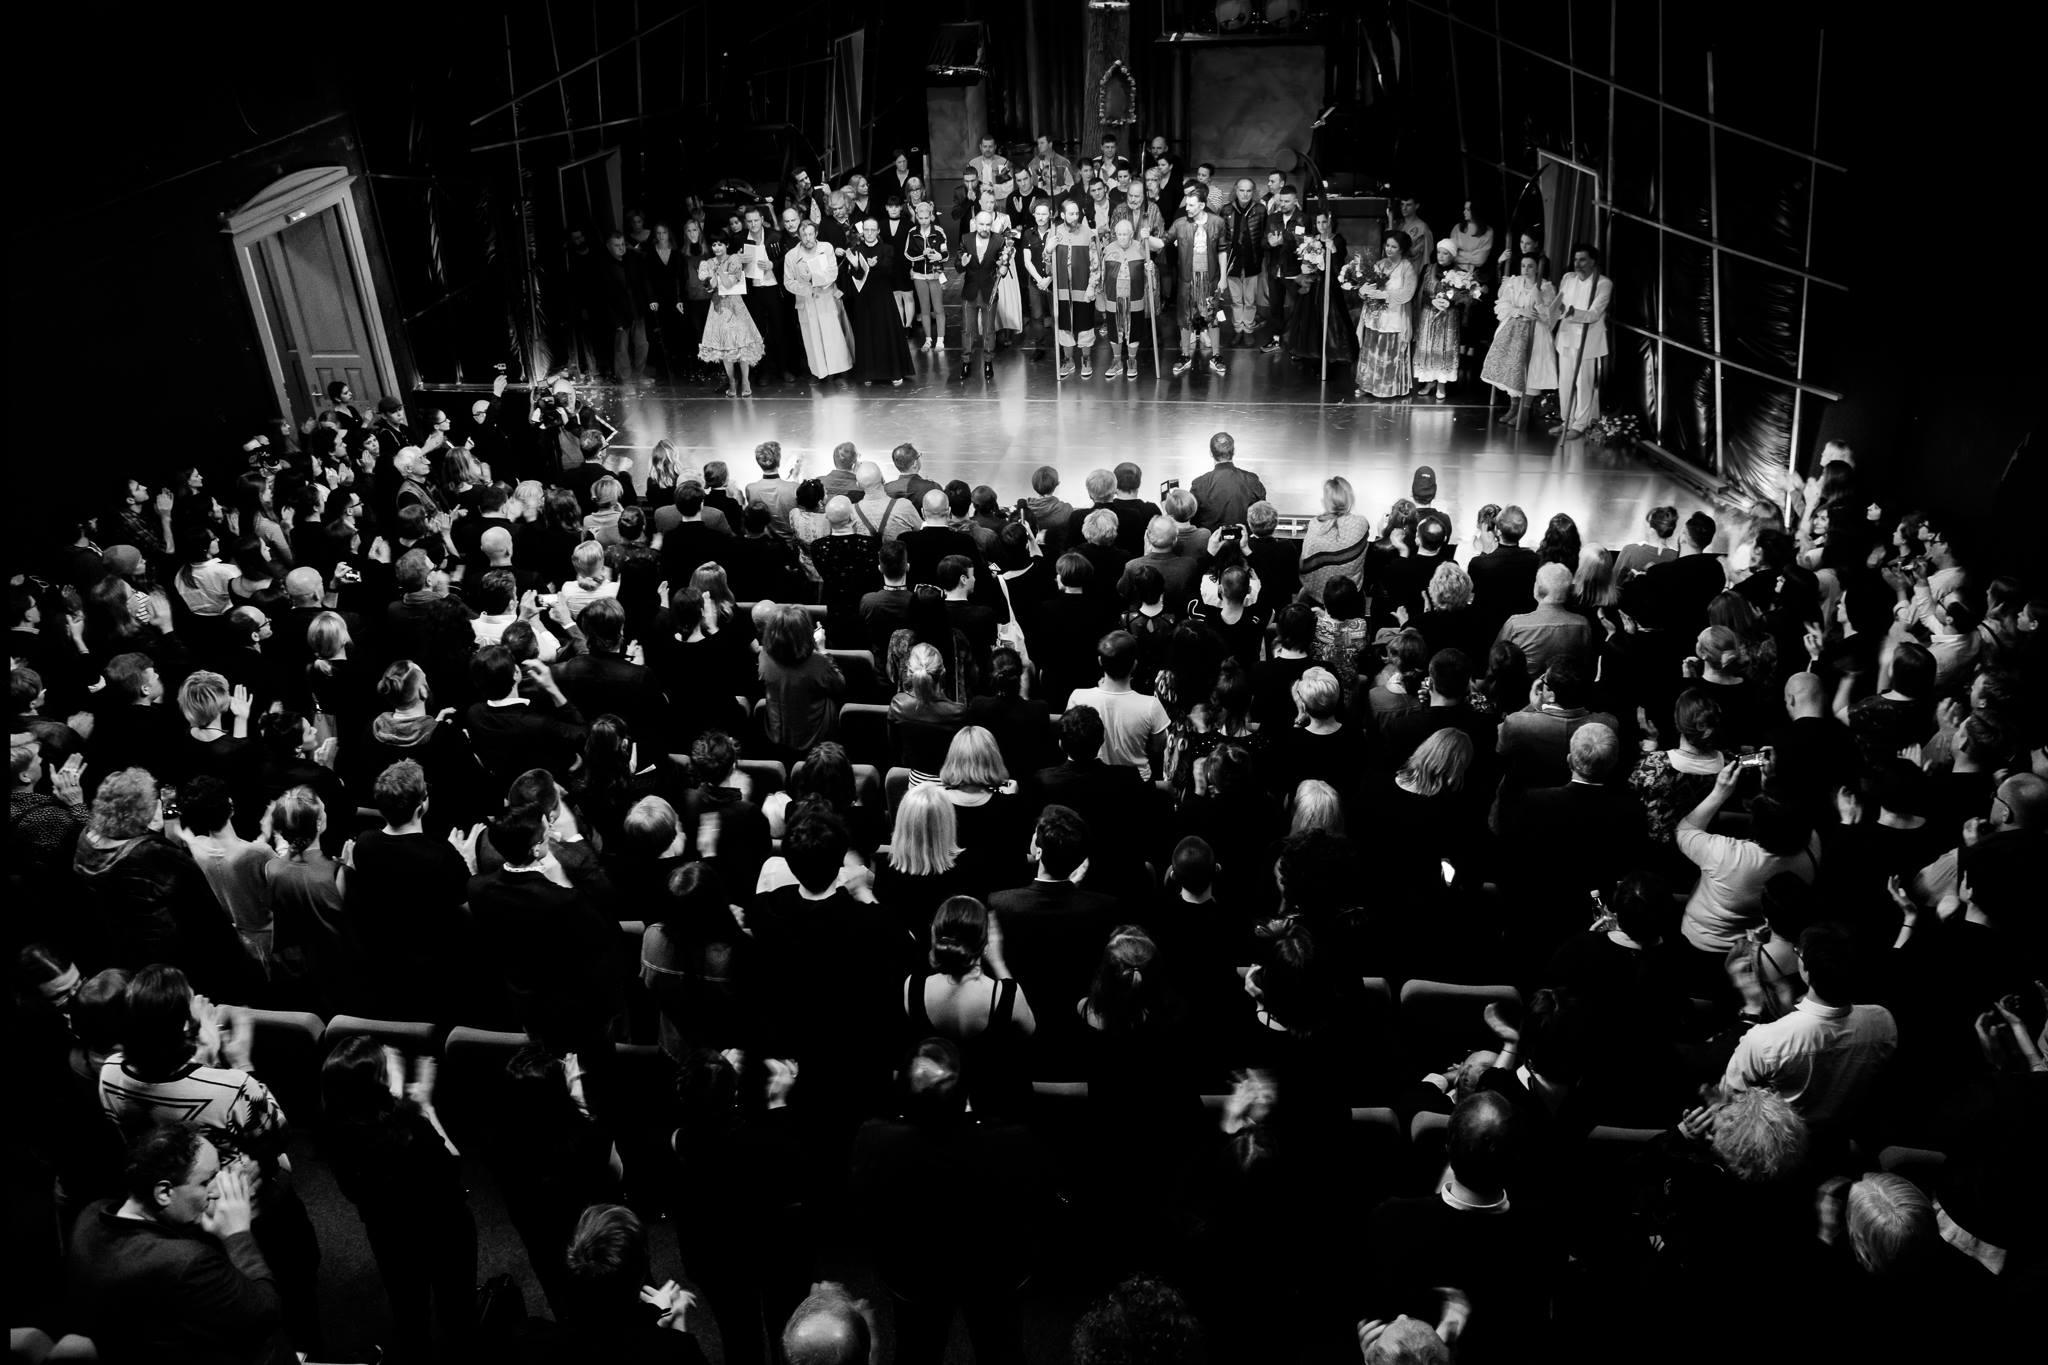 Oświadczenie zespołu Narodowego Starego Teatru im. Heleny Modrzejewskiej w Krakowie z dnia 12 maja 2017